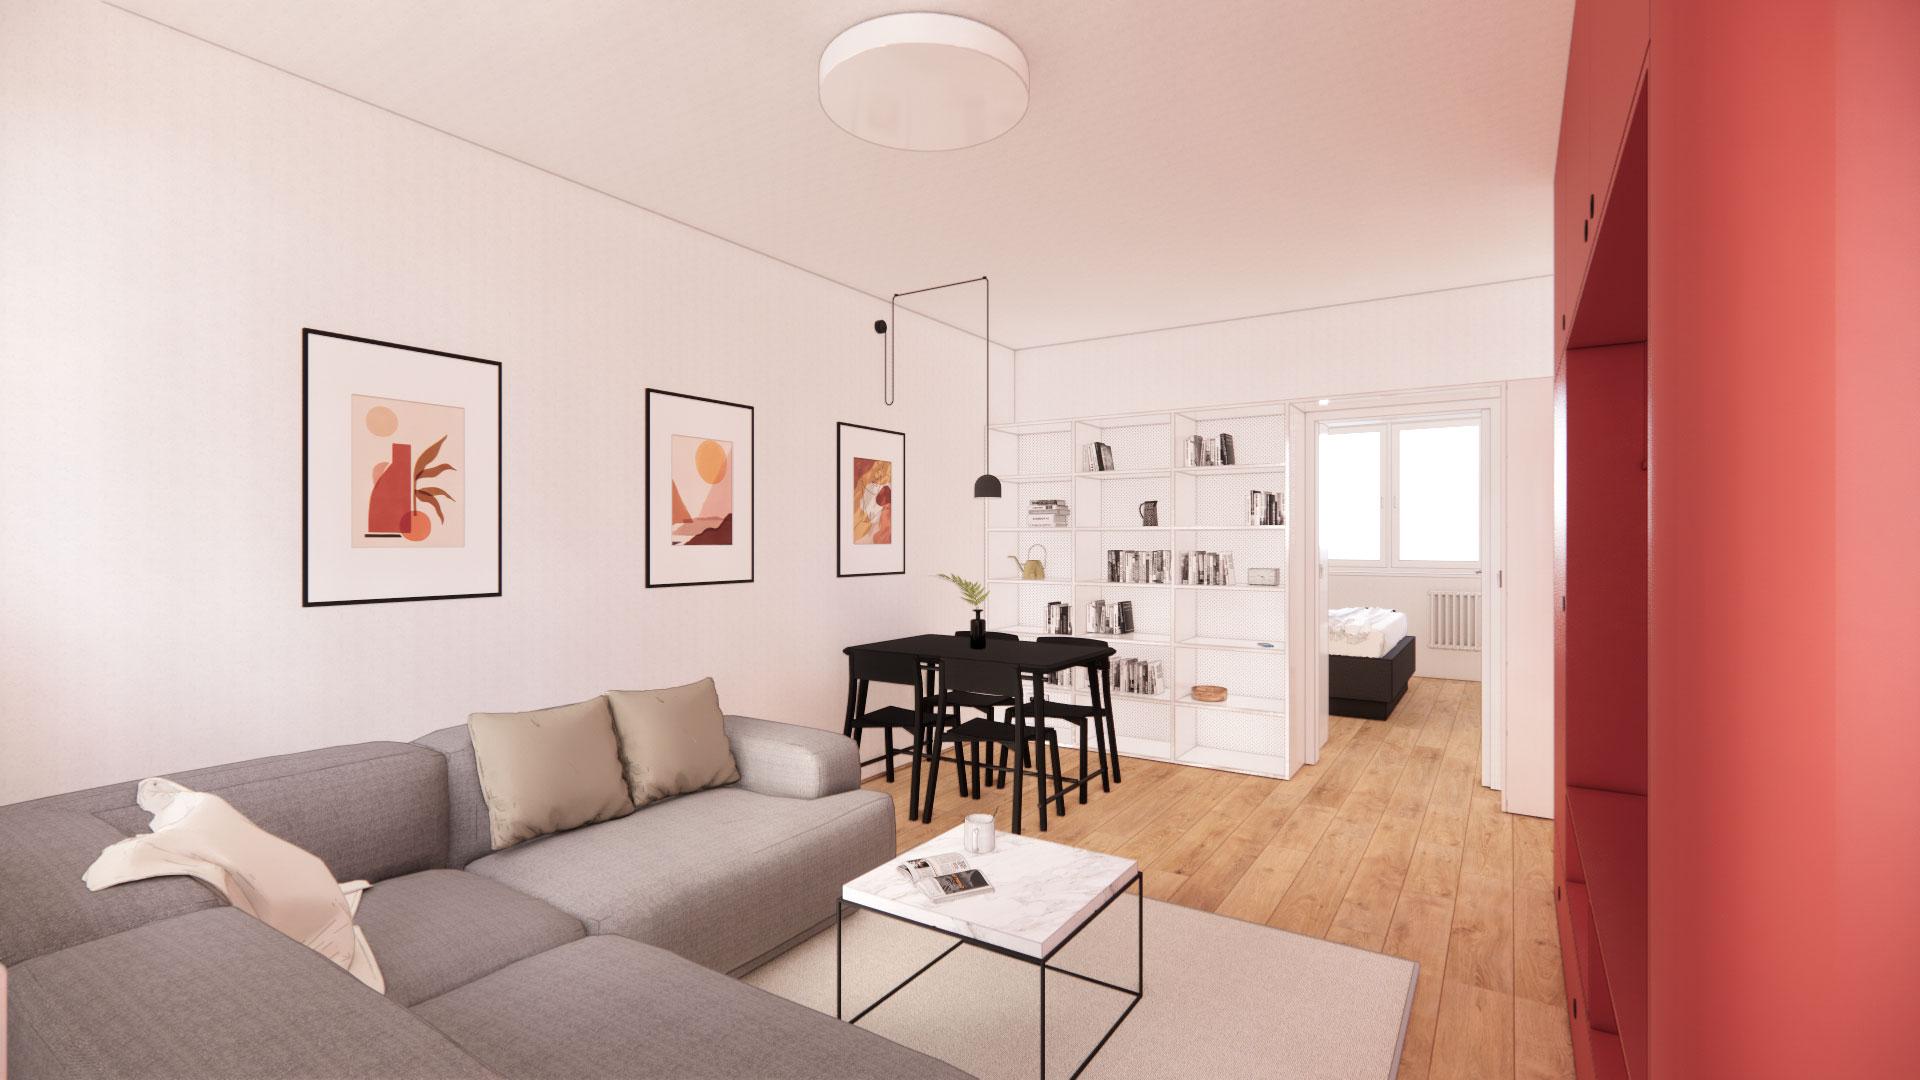 noiz-architekti-interier-byt-lotysska-06